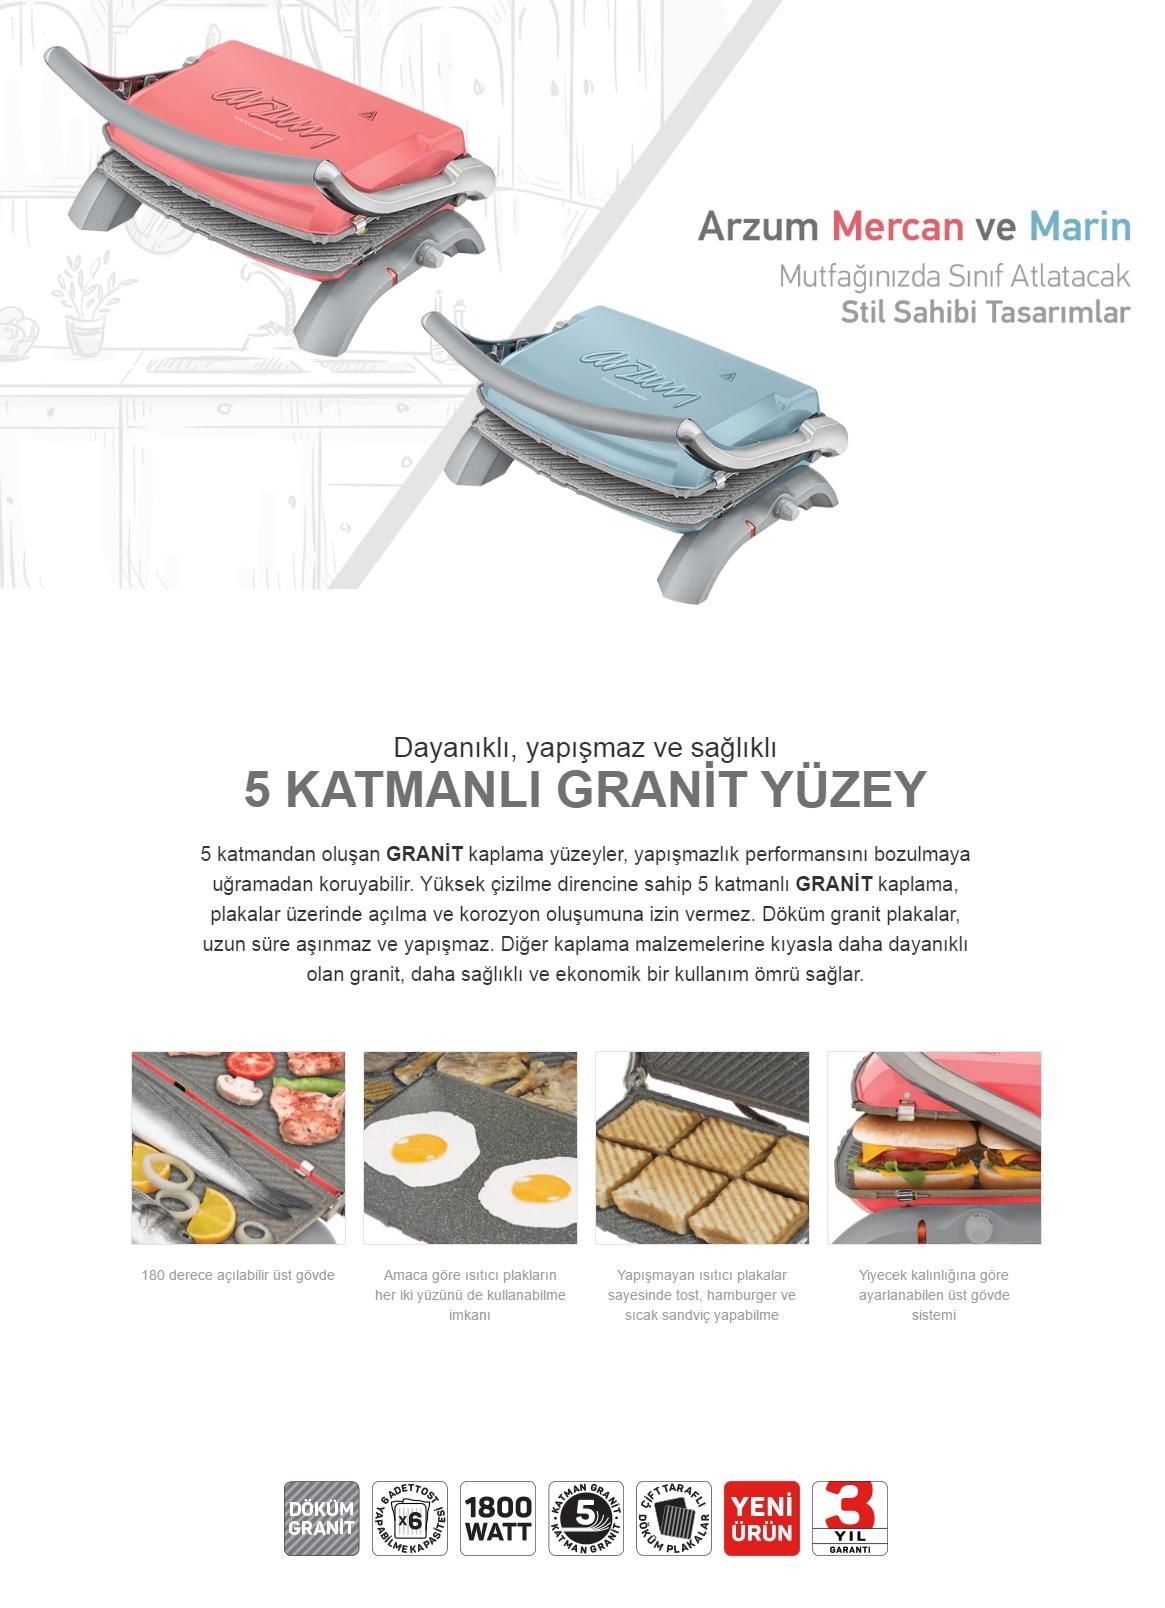 Granit Tost Makinesi Sağlıklı mı